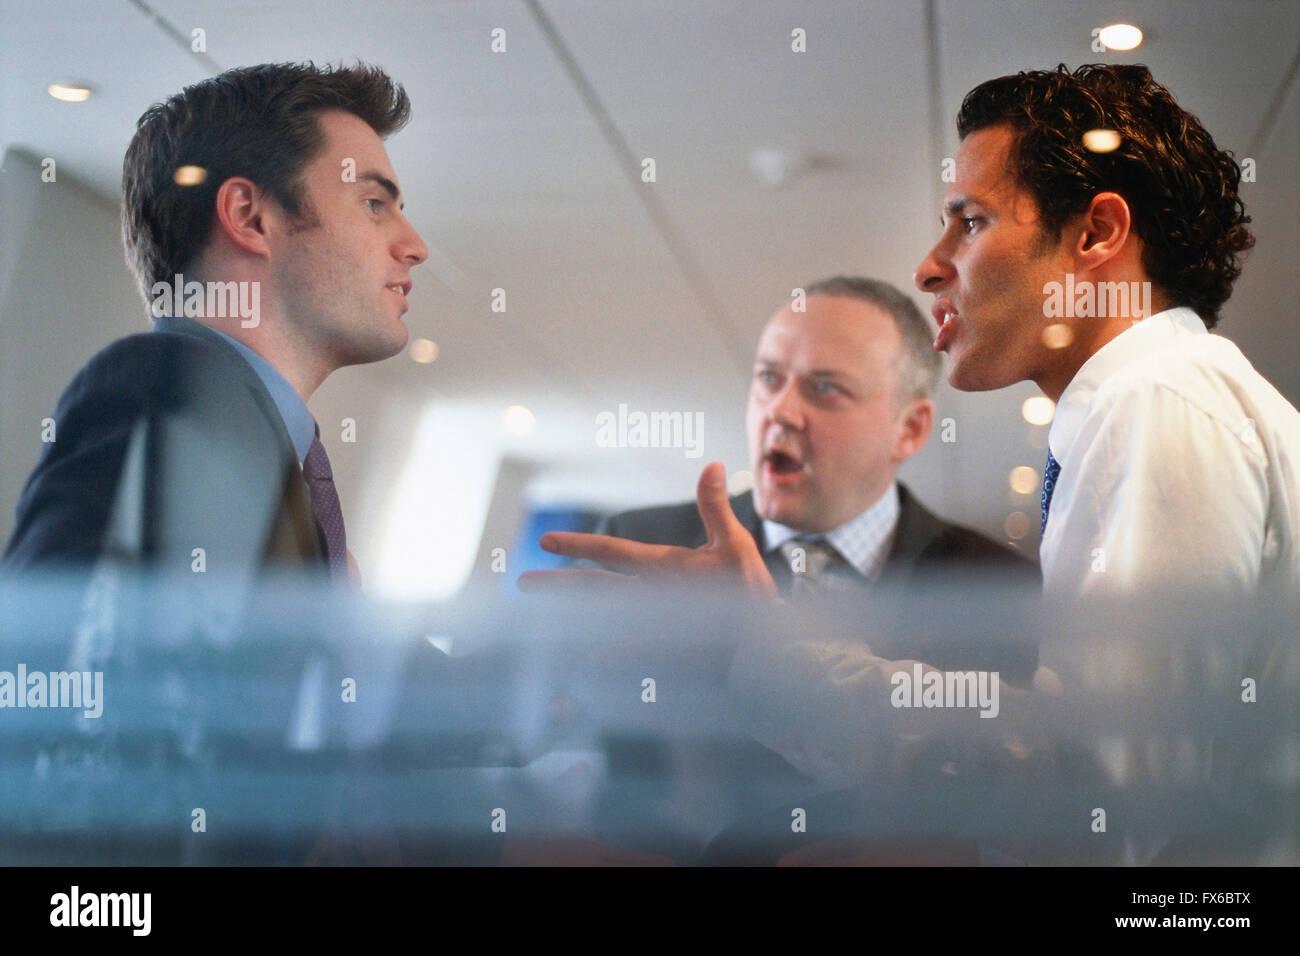 Caucasian businessmen arguing in office - Stock Image